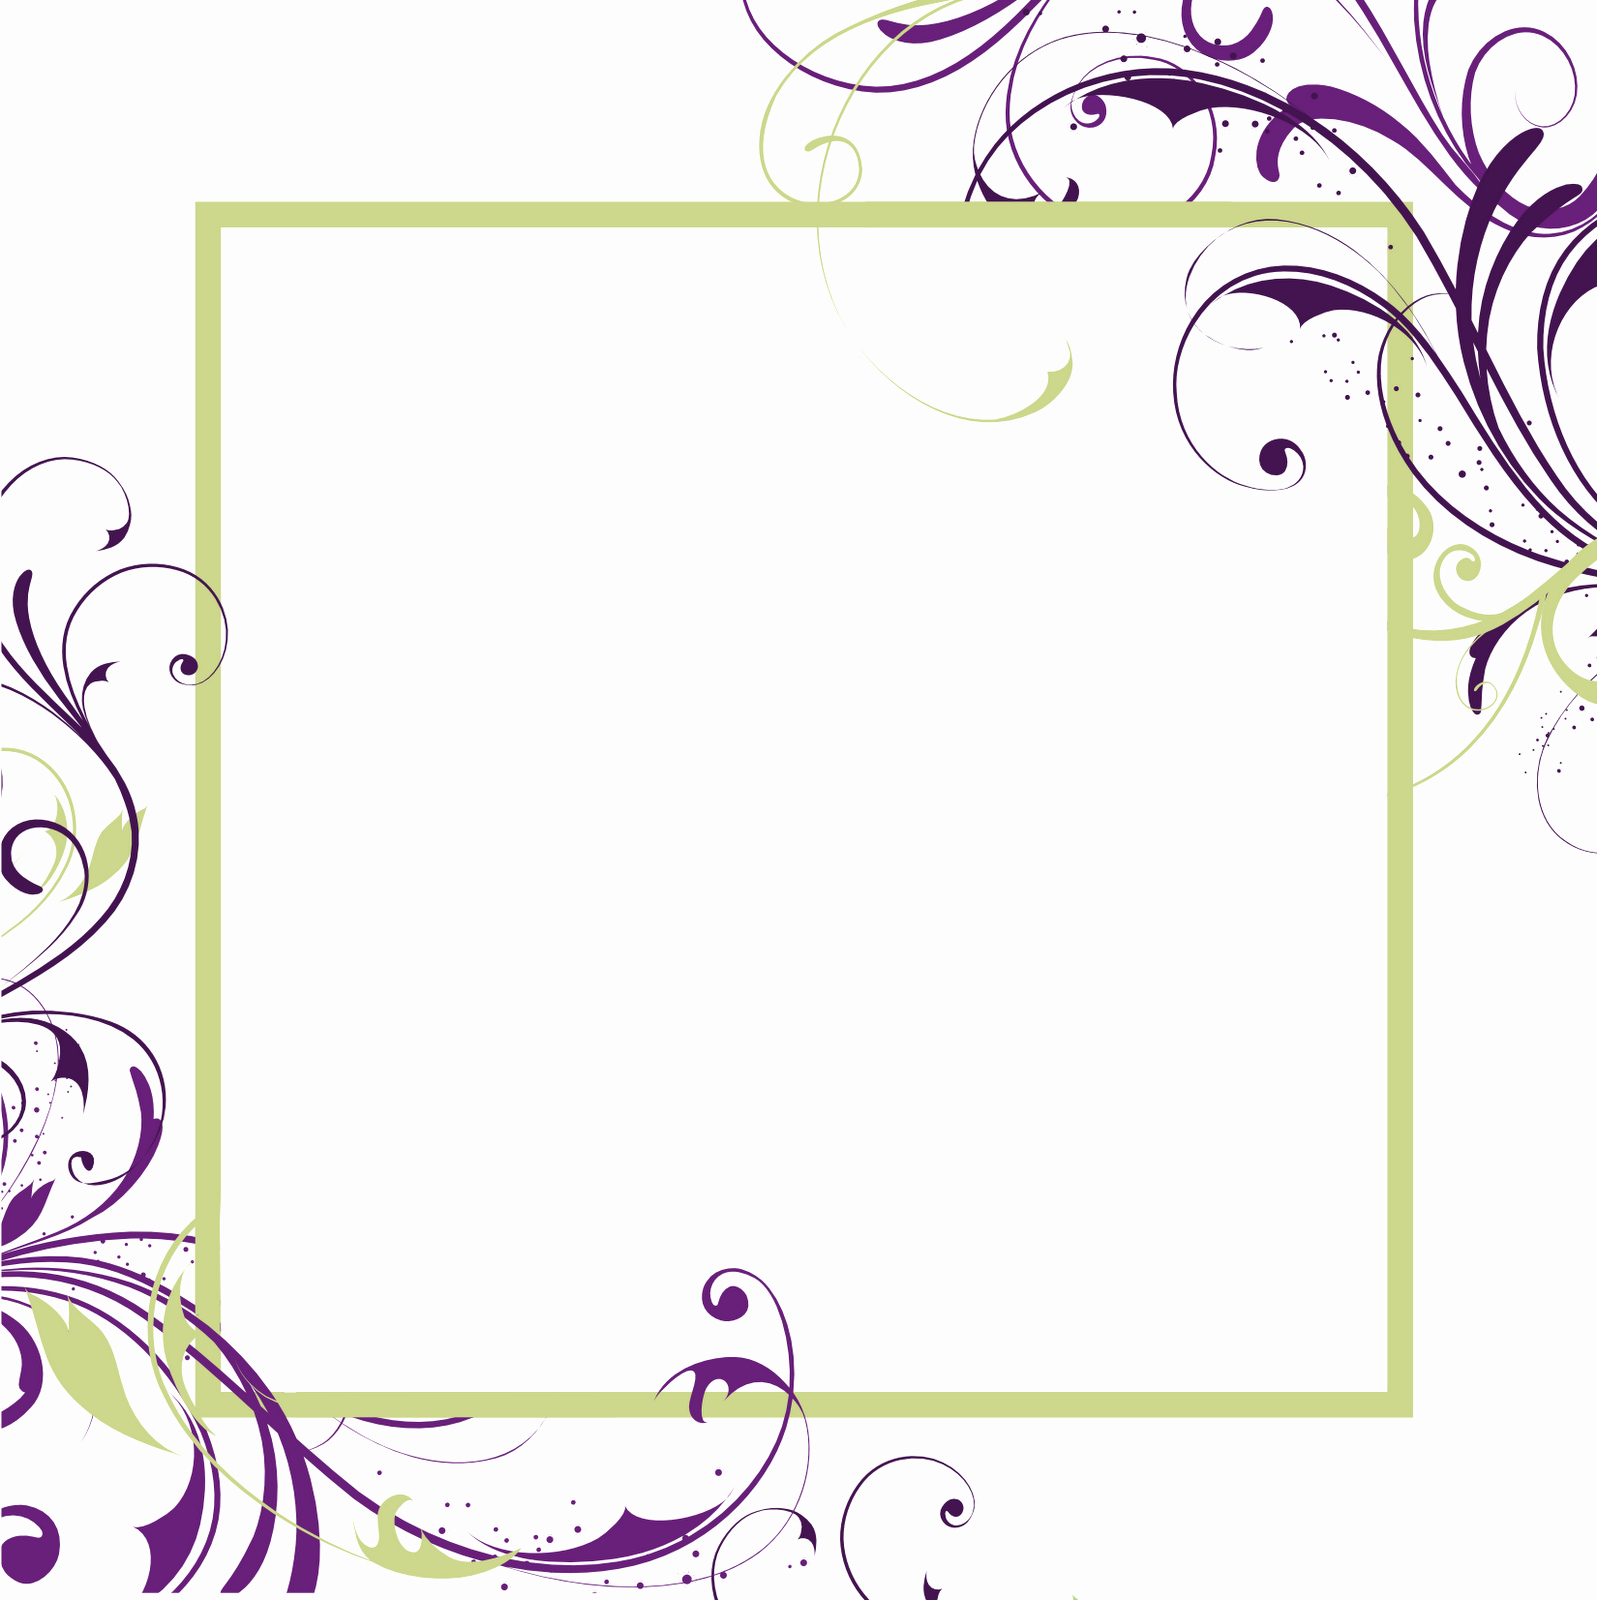 Free Invitation Templates Printable Elegant Free Printable Blank Invitations Templates